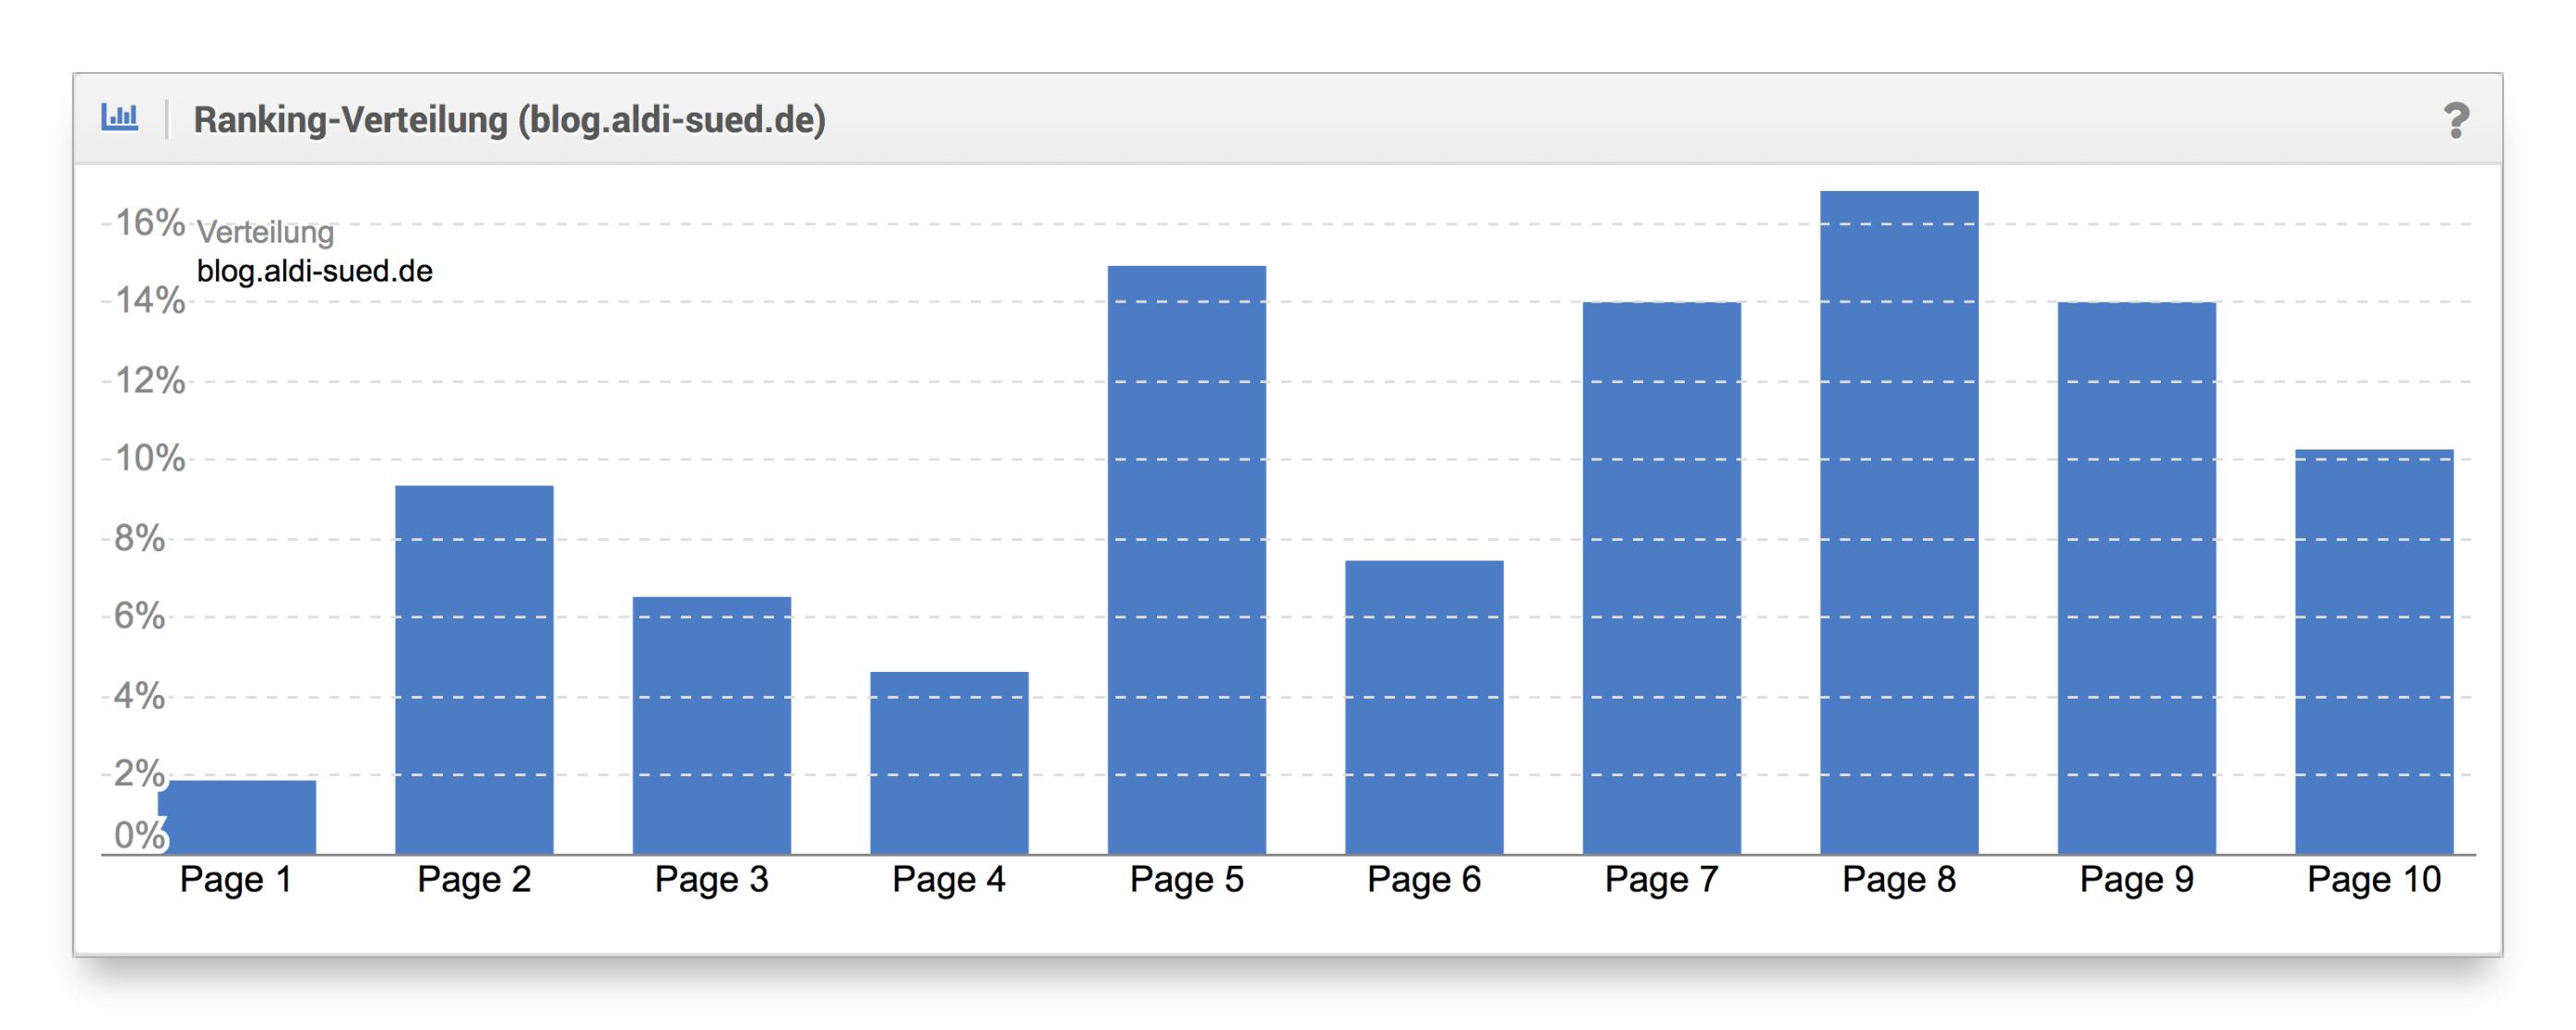 Ranking-Verteilung Blog Aldi-Süd